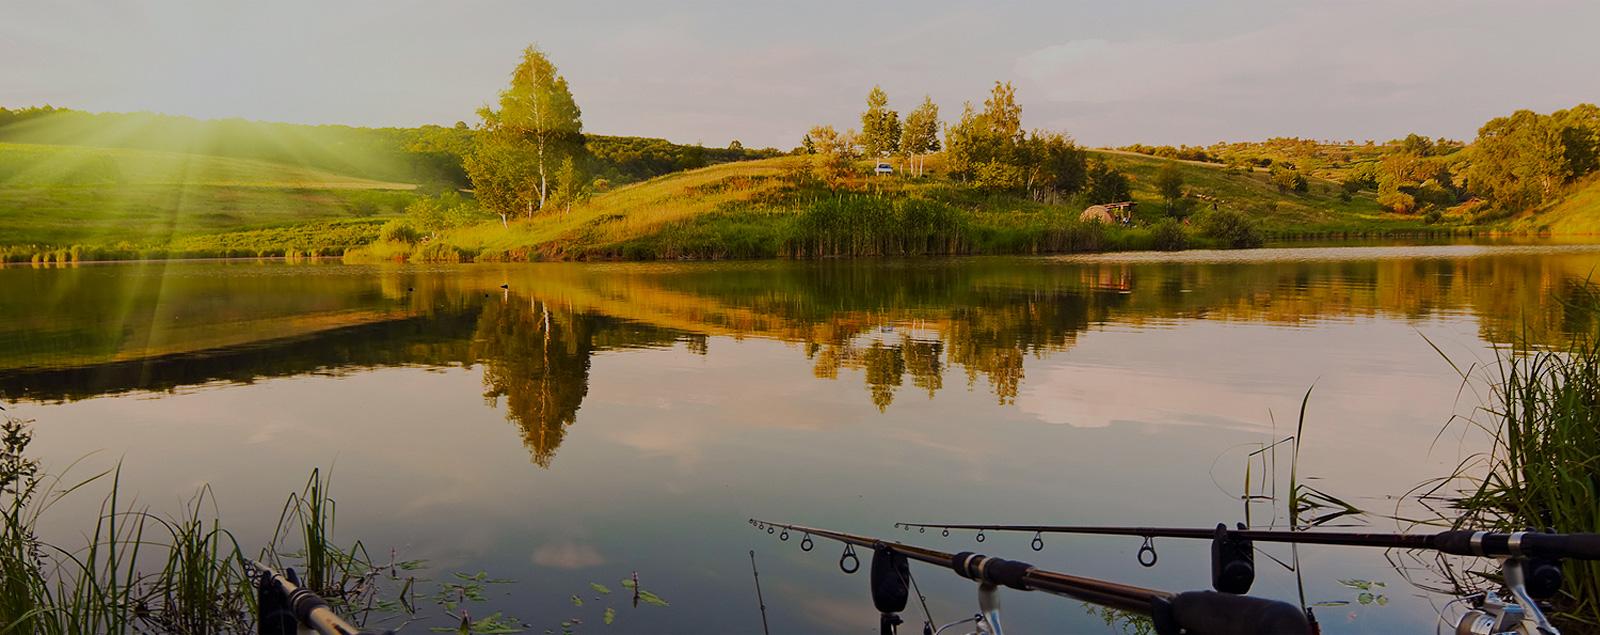 платная рыбалка в аксаково